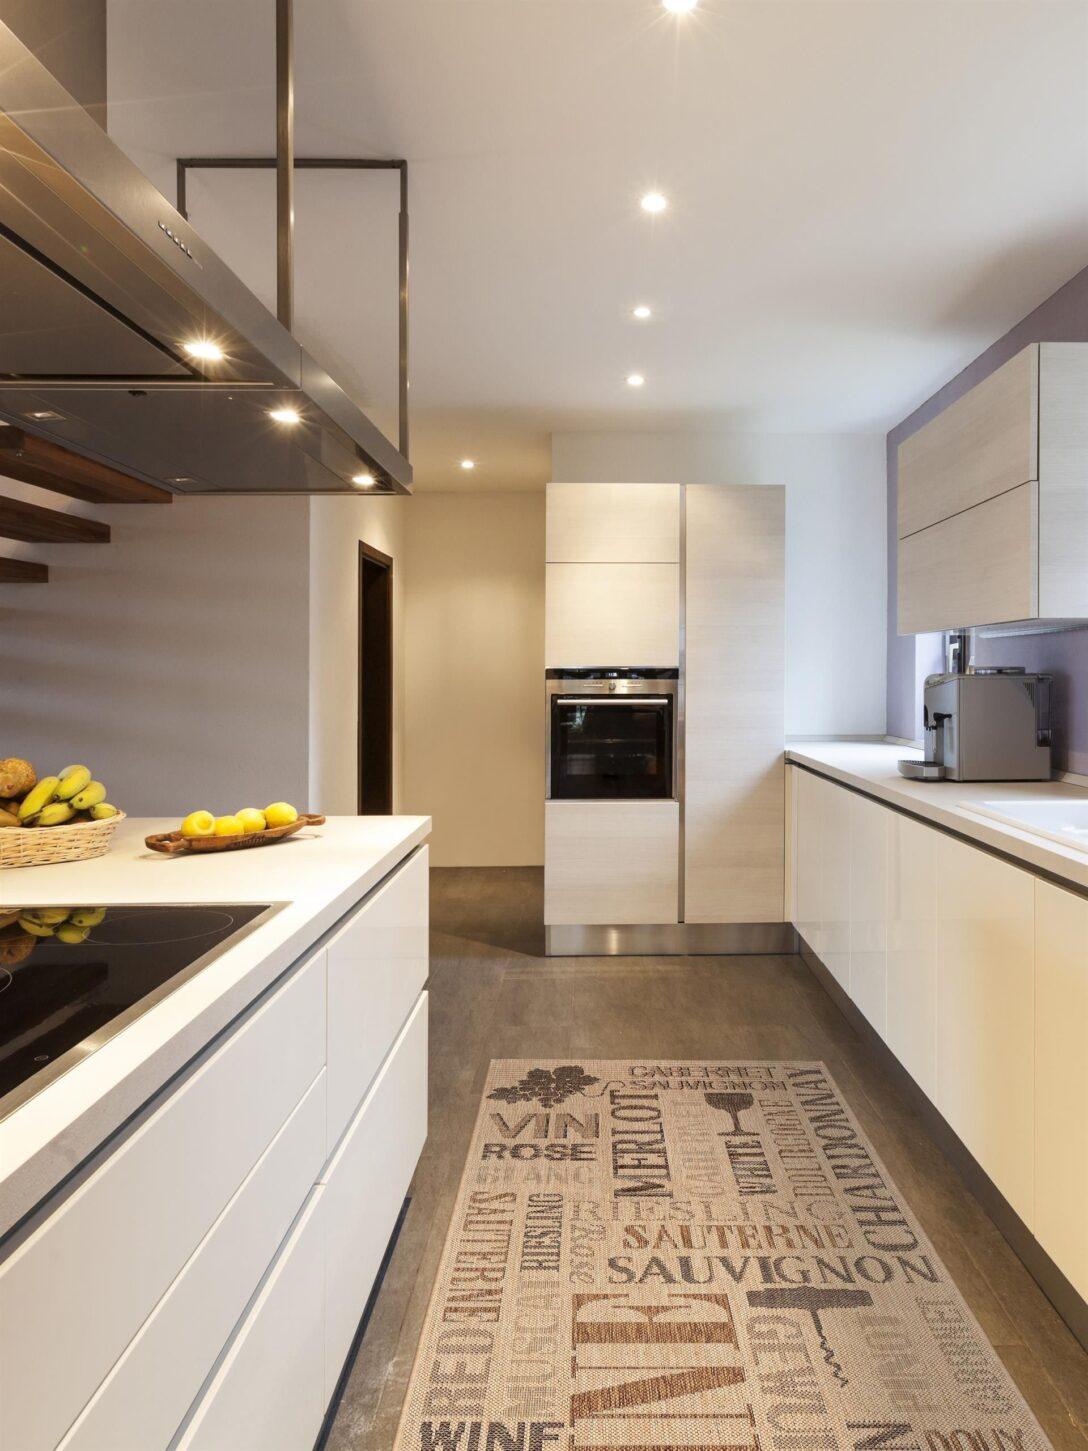 Large Size of Küchenläufer Ikea Kchenlufer Kitchen Beige In 2020 Kchen Design Modulküche Küche Kosten Sofa Mit Schlaffunktion Miniküche Kaufen Betten Bei 160x200 Wohnzimmer Küchenläufer Ikea